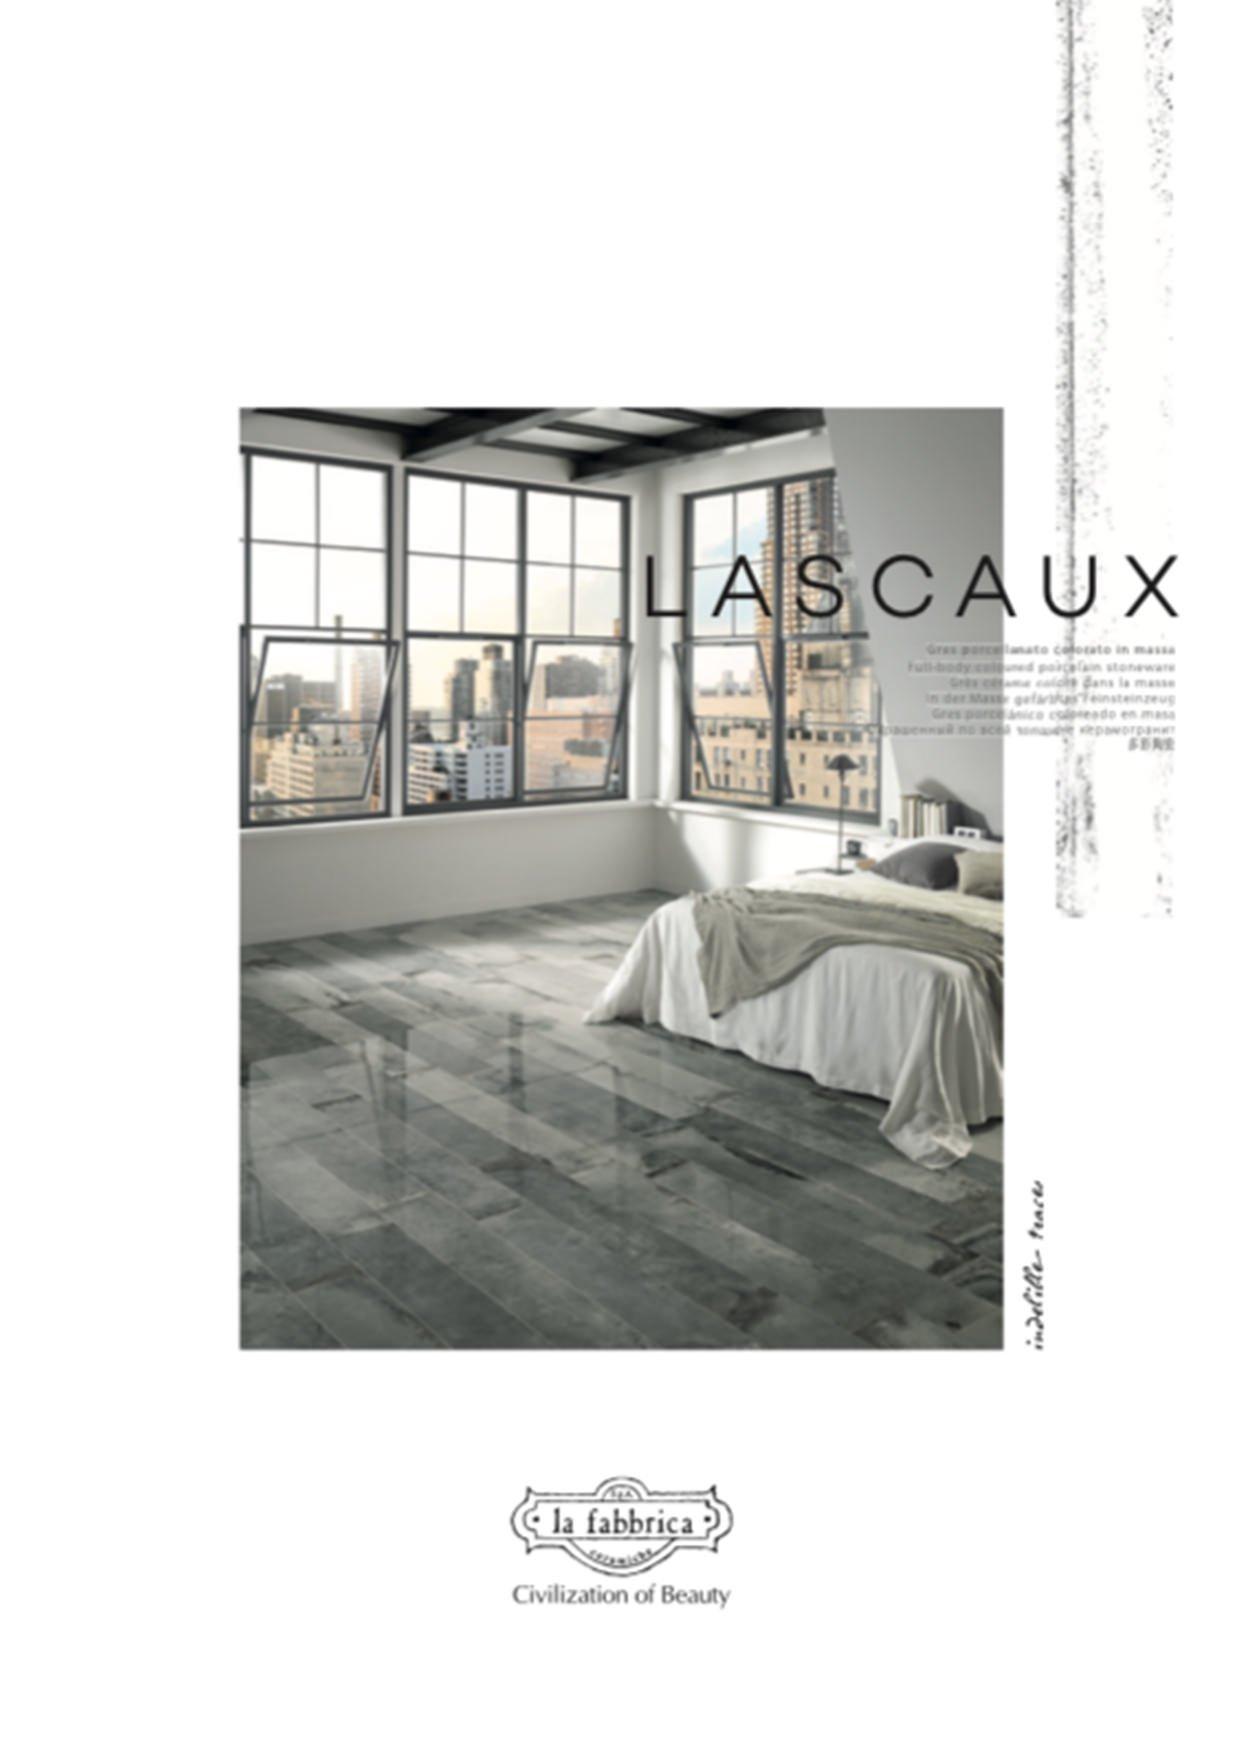 La Fabbrica Catalogo Lascaux